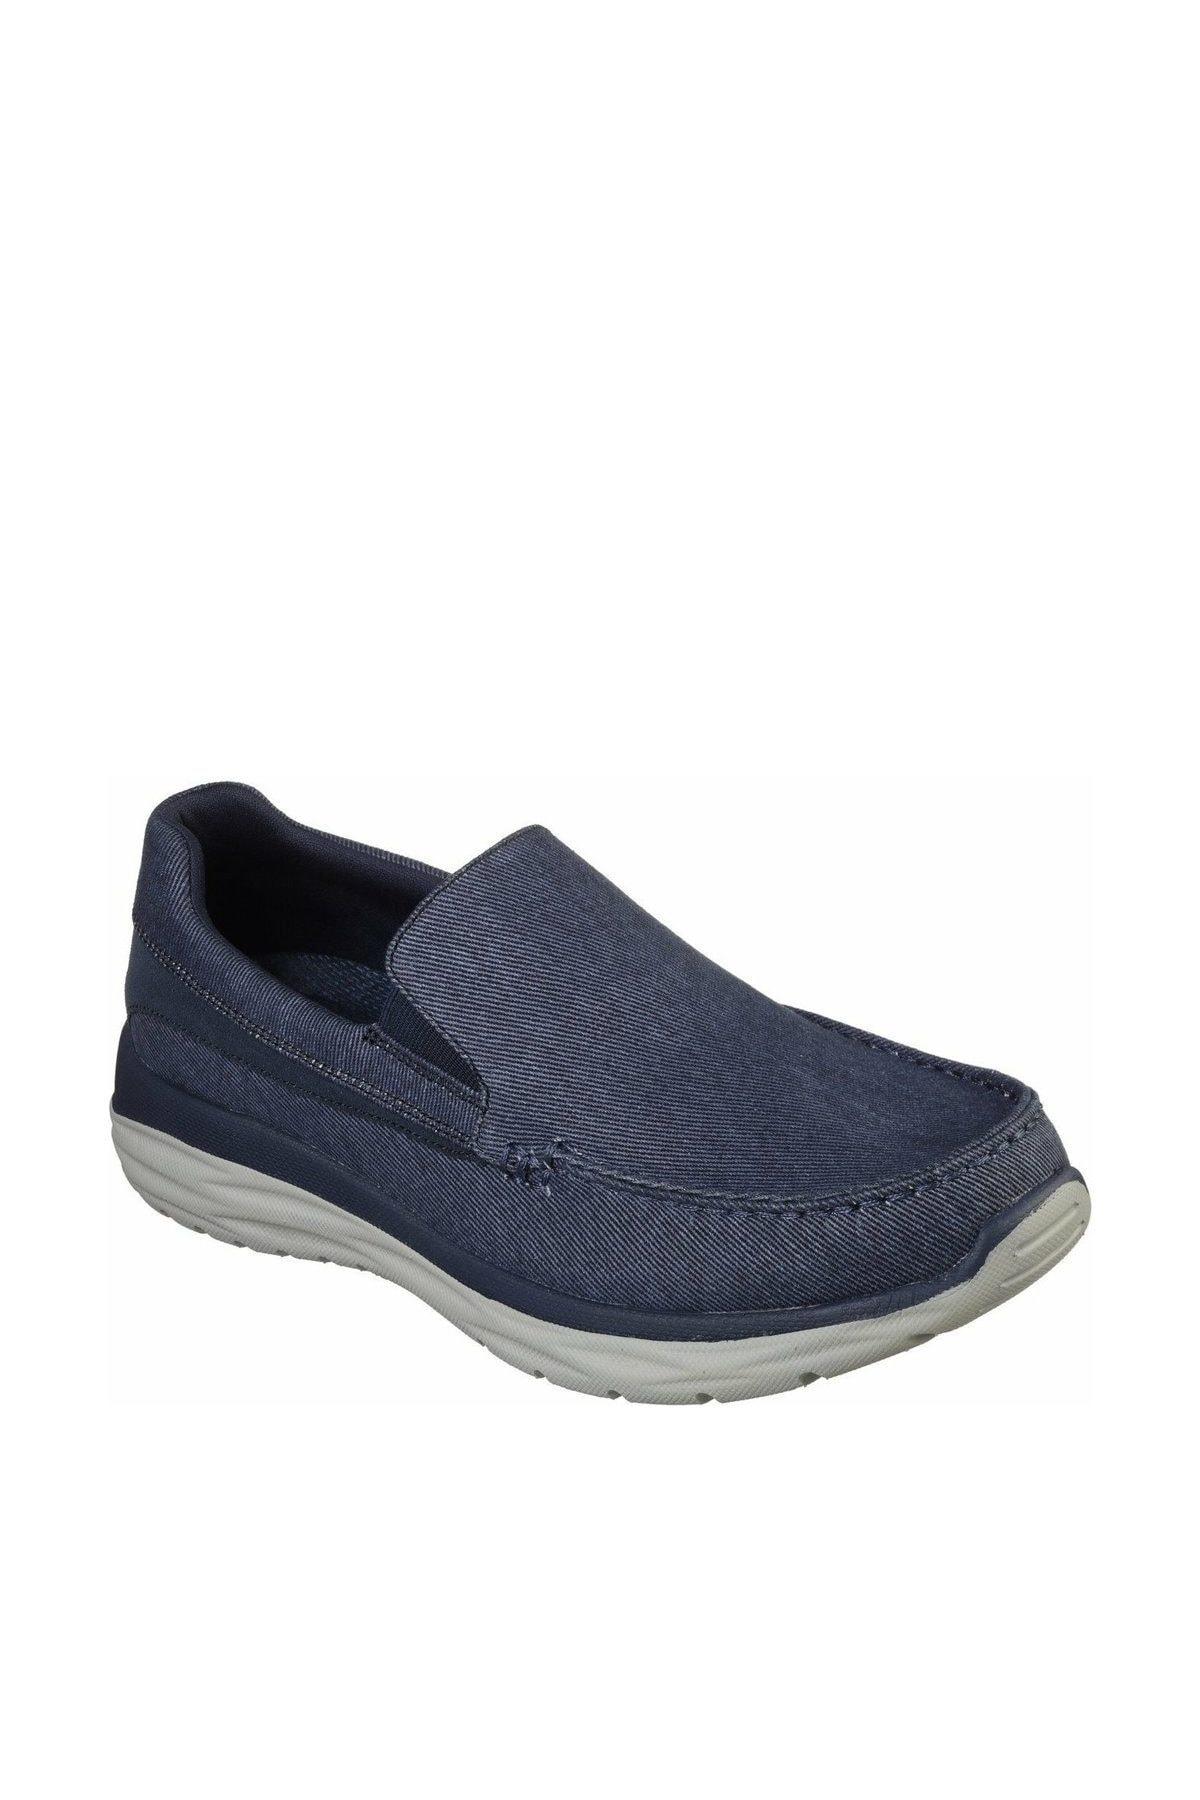 SKECHERS HARSEN- ALONDRO Erkek Mavi Günlük Ayakkabı 65605 BLU 1